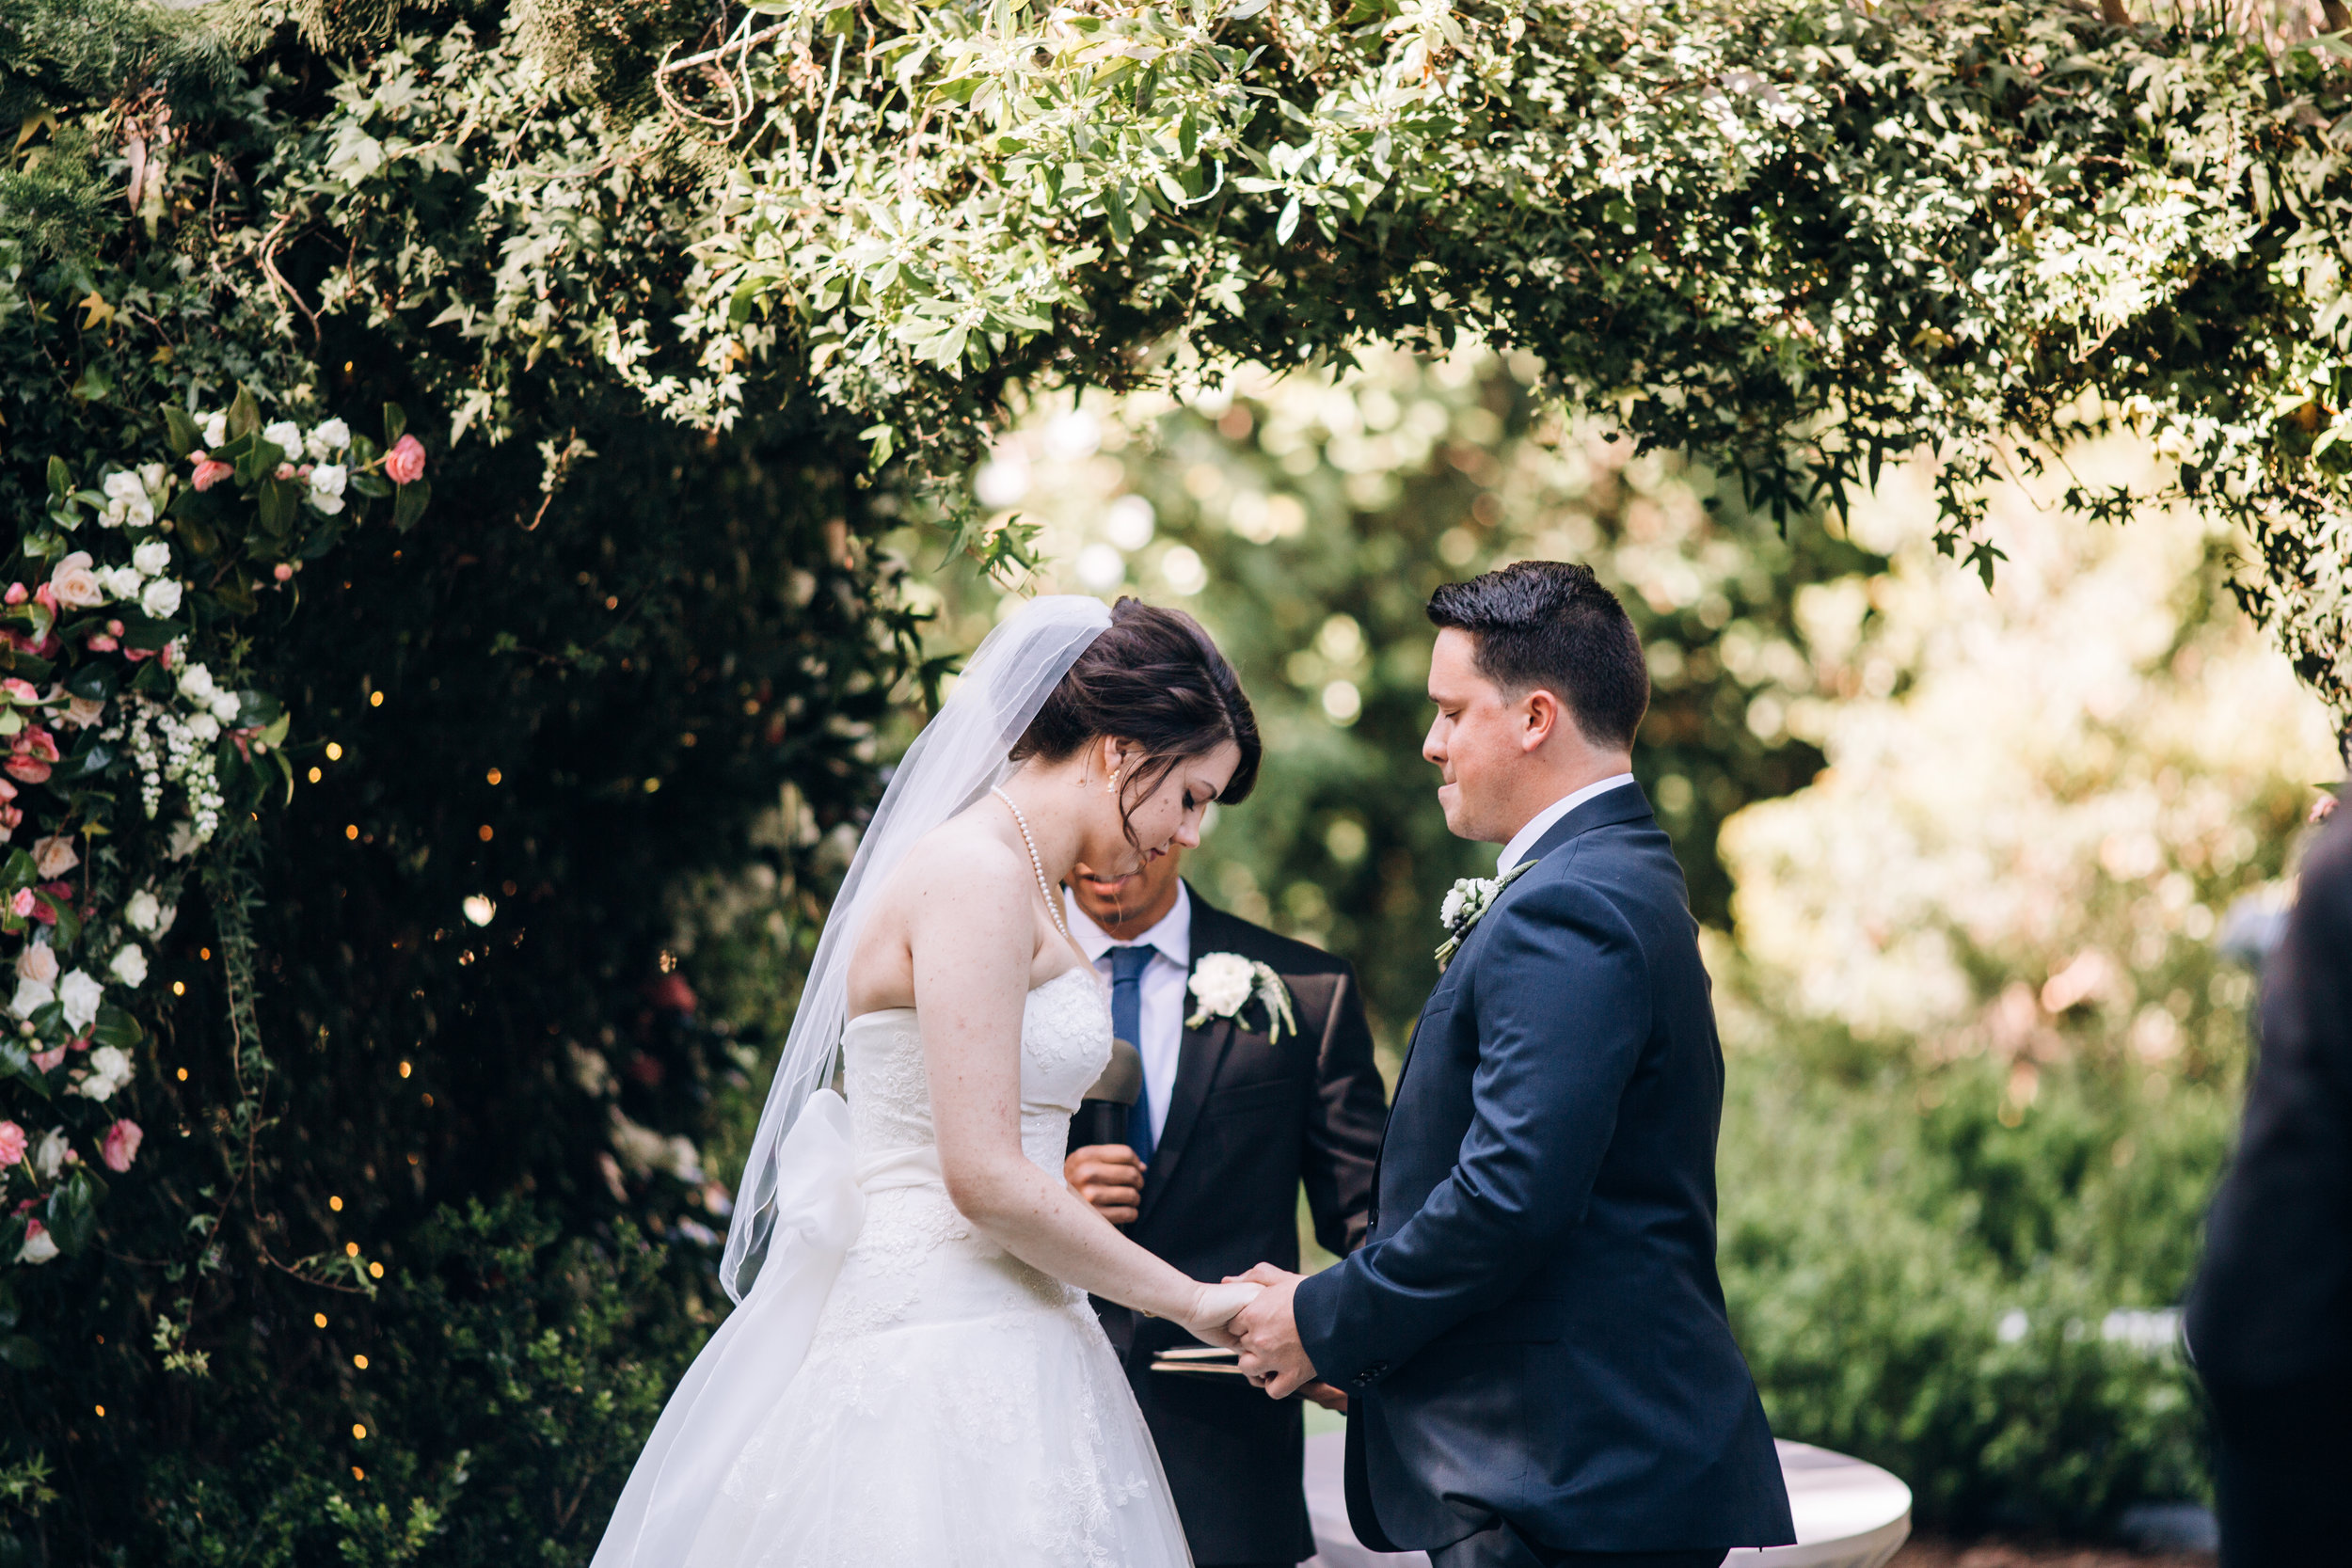 KaraNixonWeddings-SanMarcos-Wedding-31.jpg